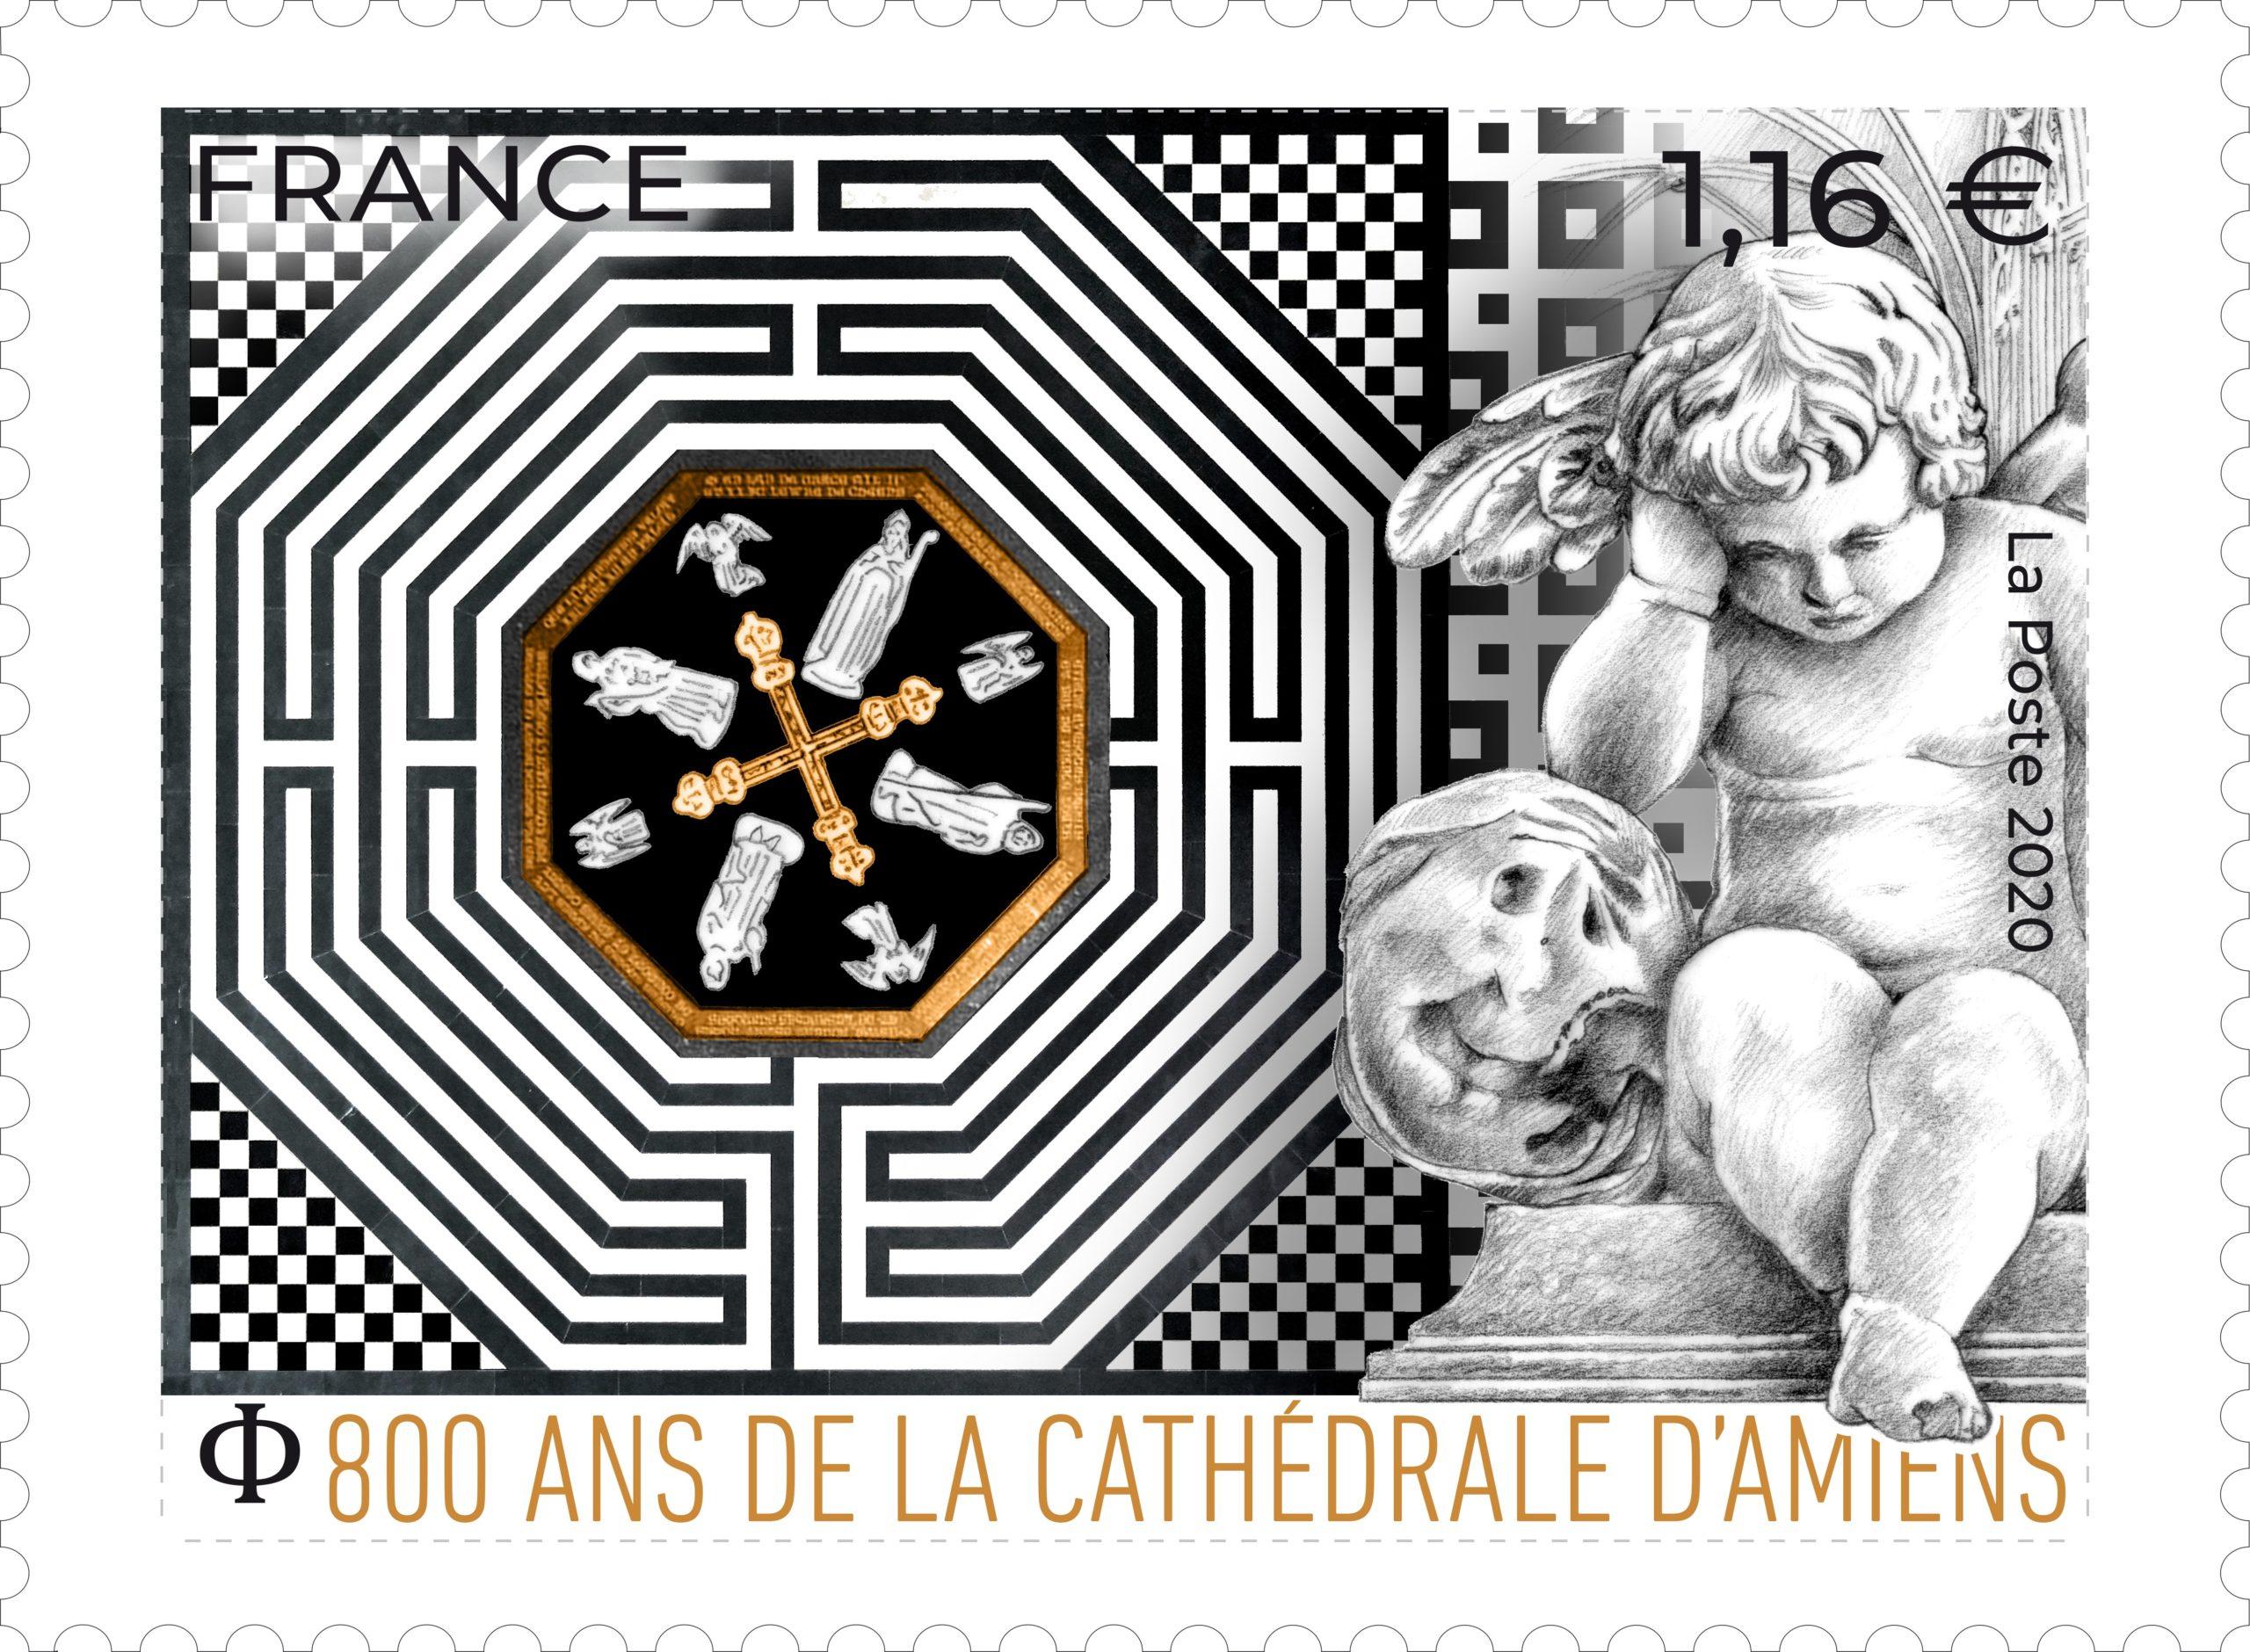 800 ans de La Cathédrale d'Amiens